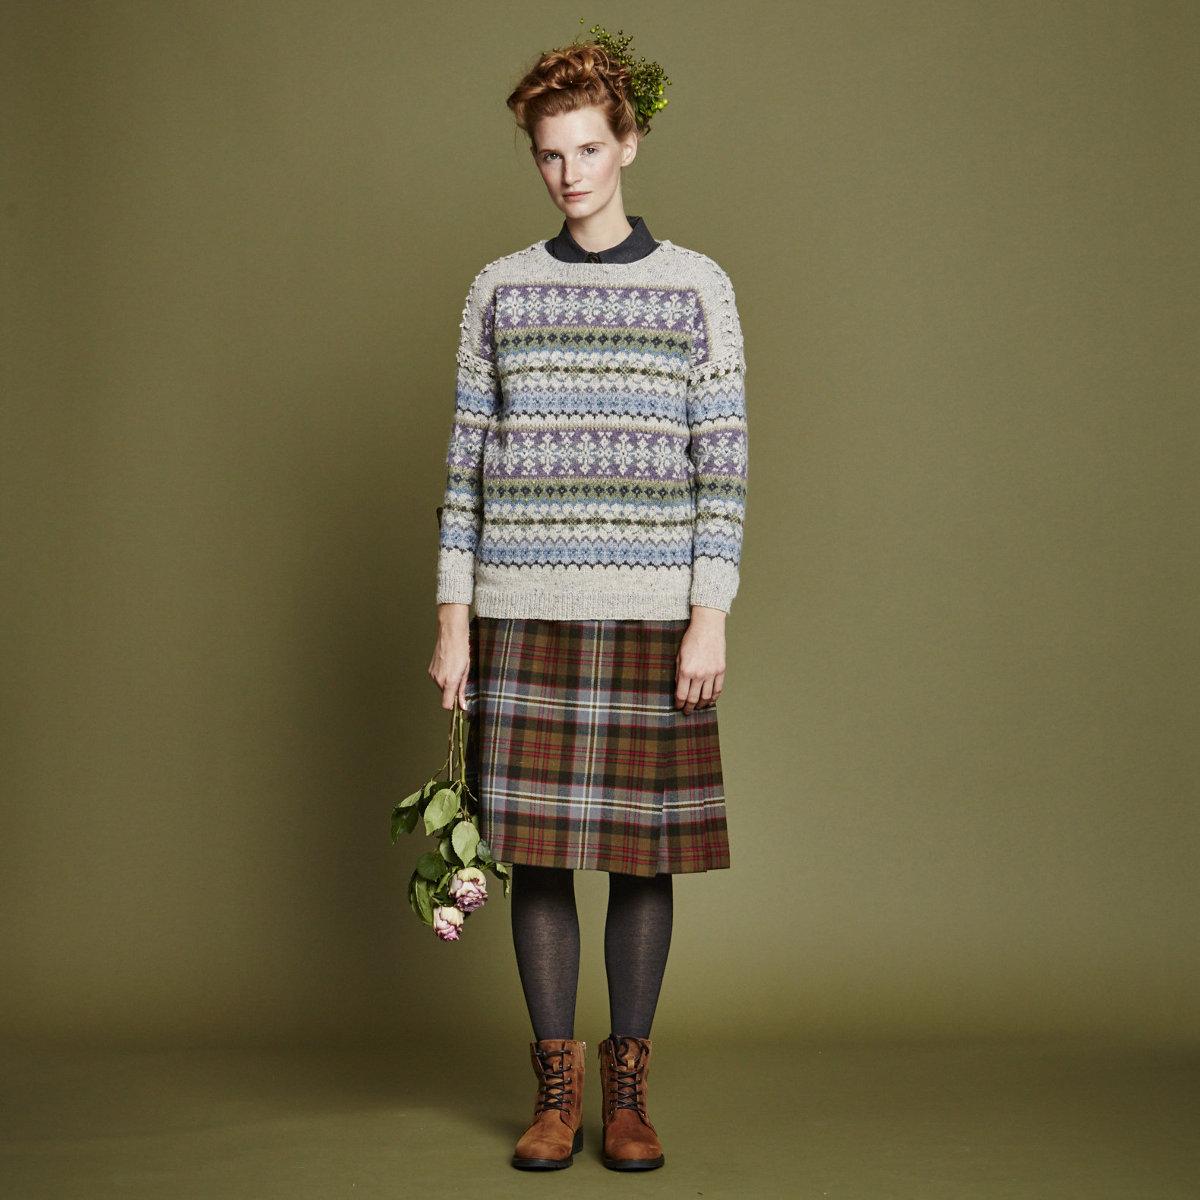 Короткий пуловер спицами Miyagi узором с косами и ажуром от дизайнера Мартина Стори